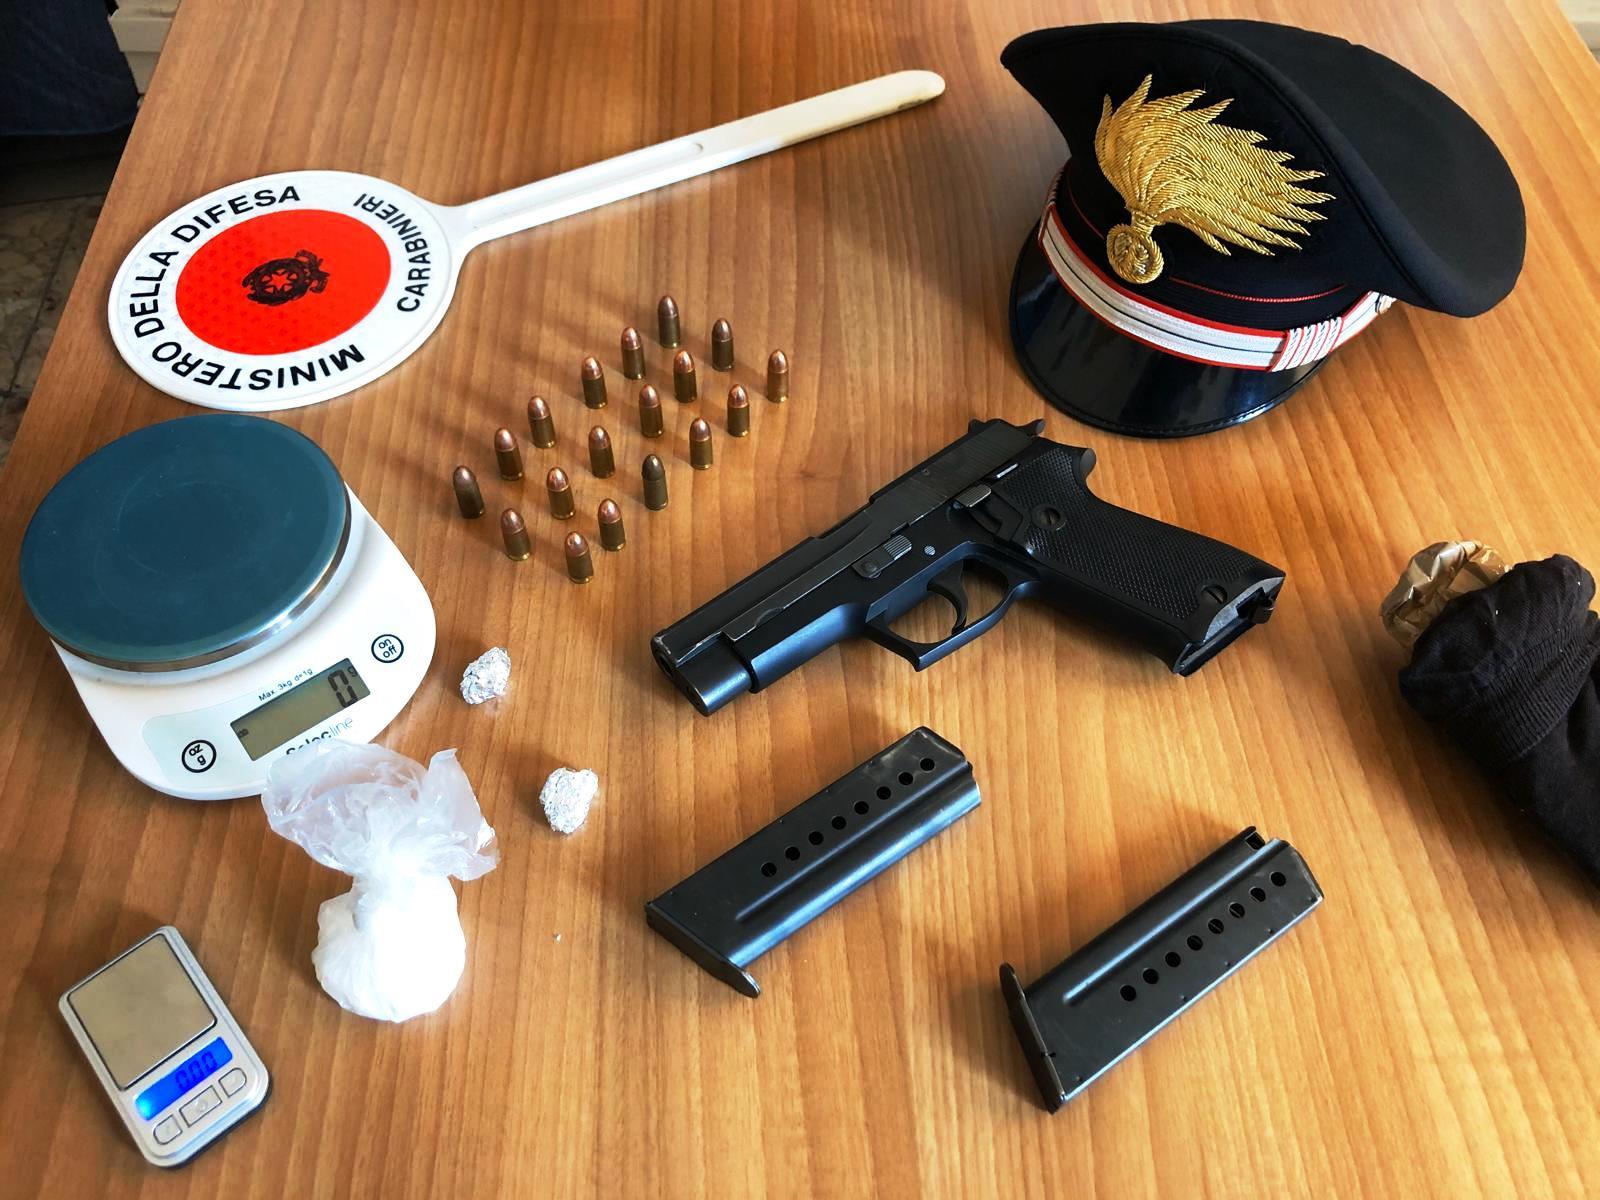 Pistola e droga in campagna, due arresti a Biancavilla